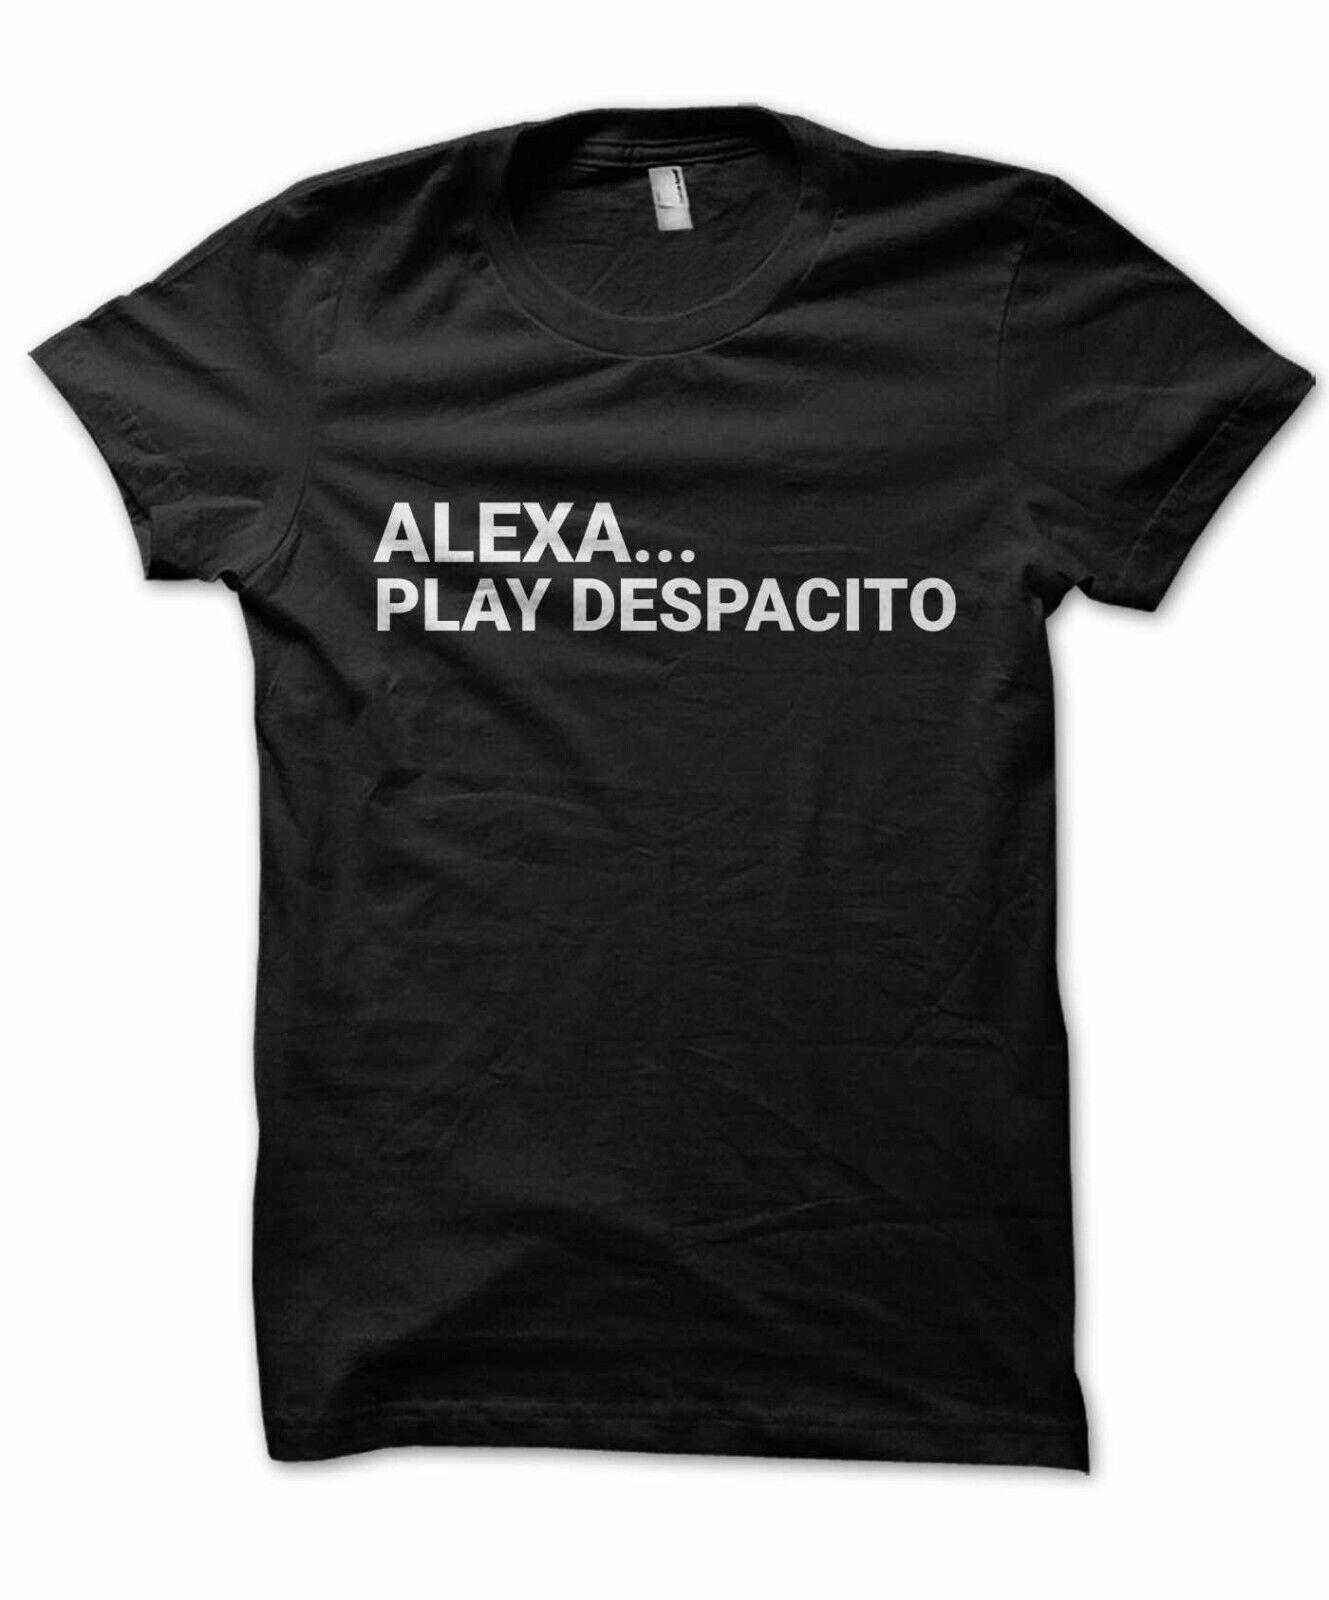 Pewdiepie Despacito Shirt, Alexa Play Despacito T-Shirt, Sarcastic Shirt